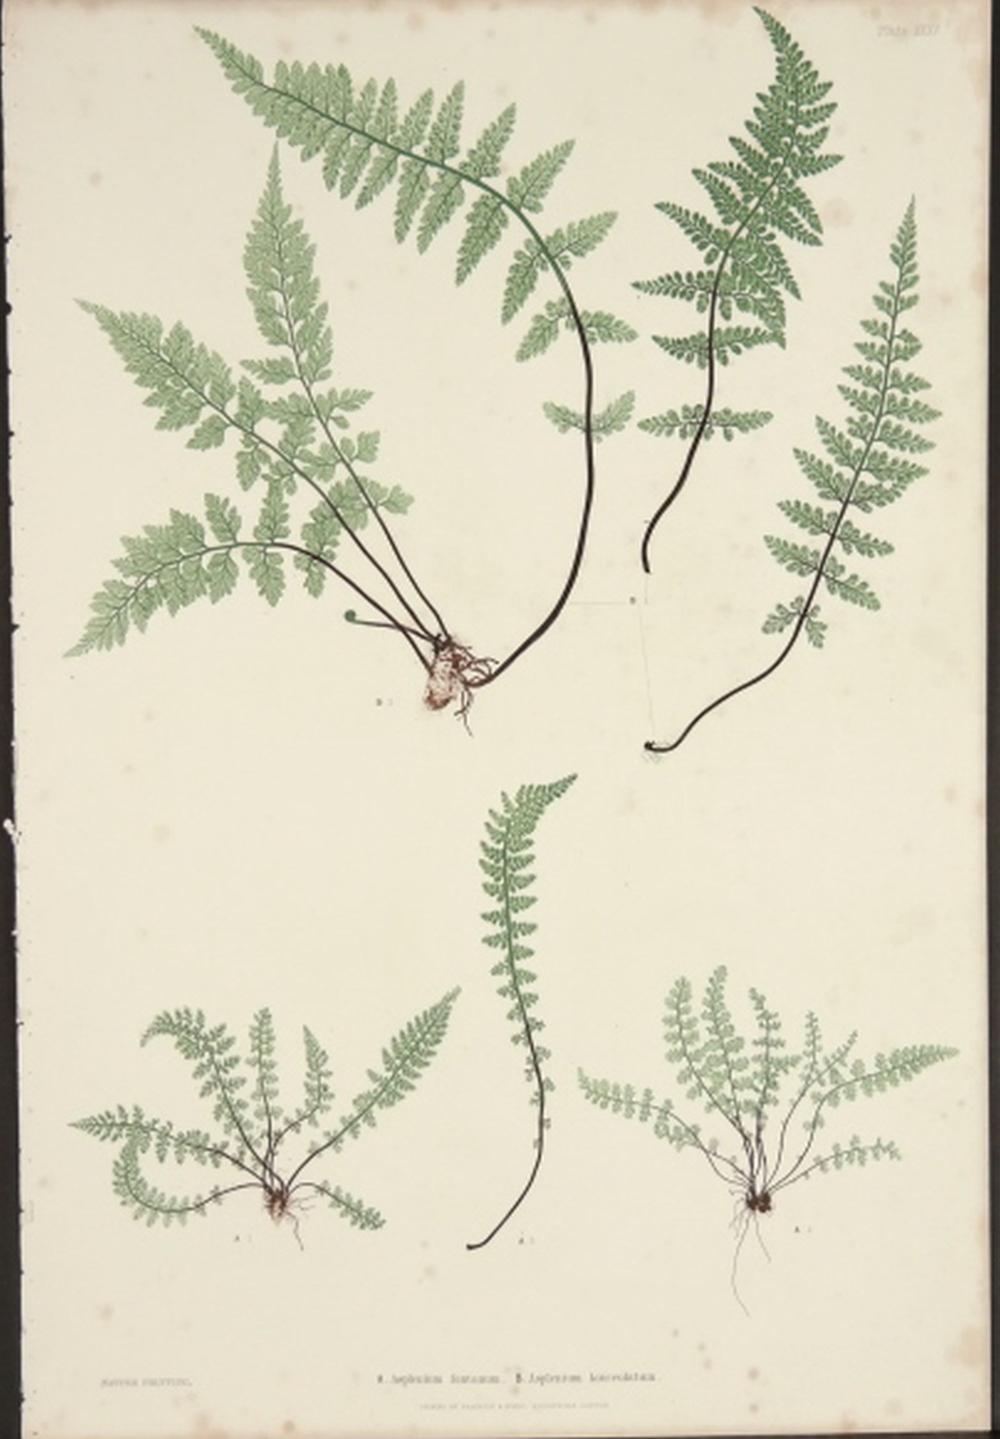 Henry Bradbury. Ferns. 1855.